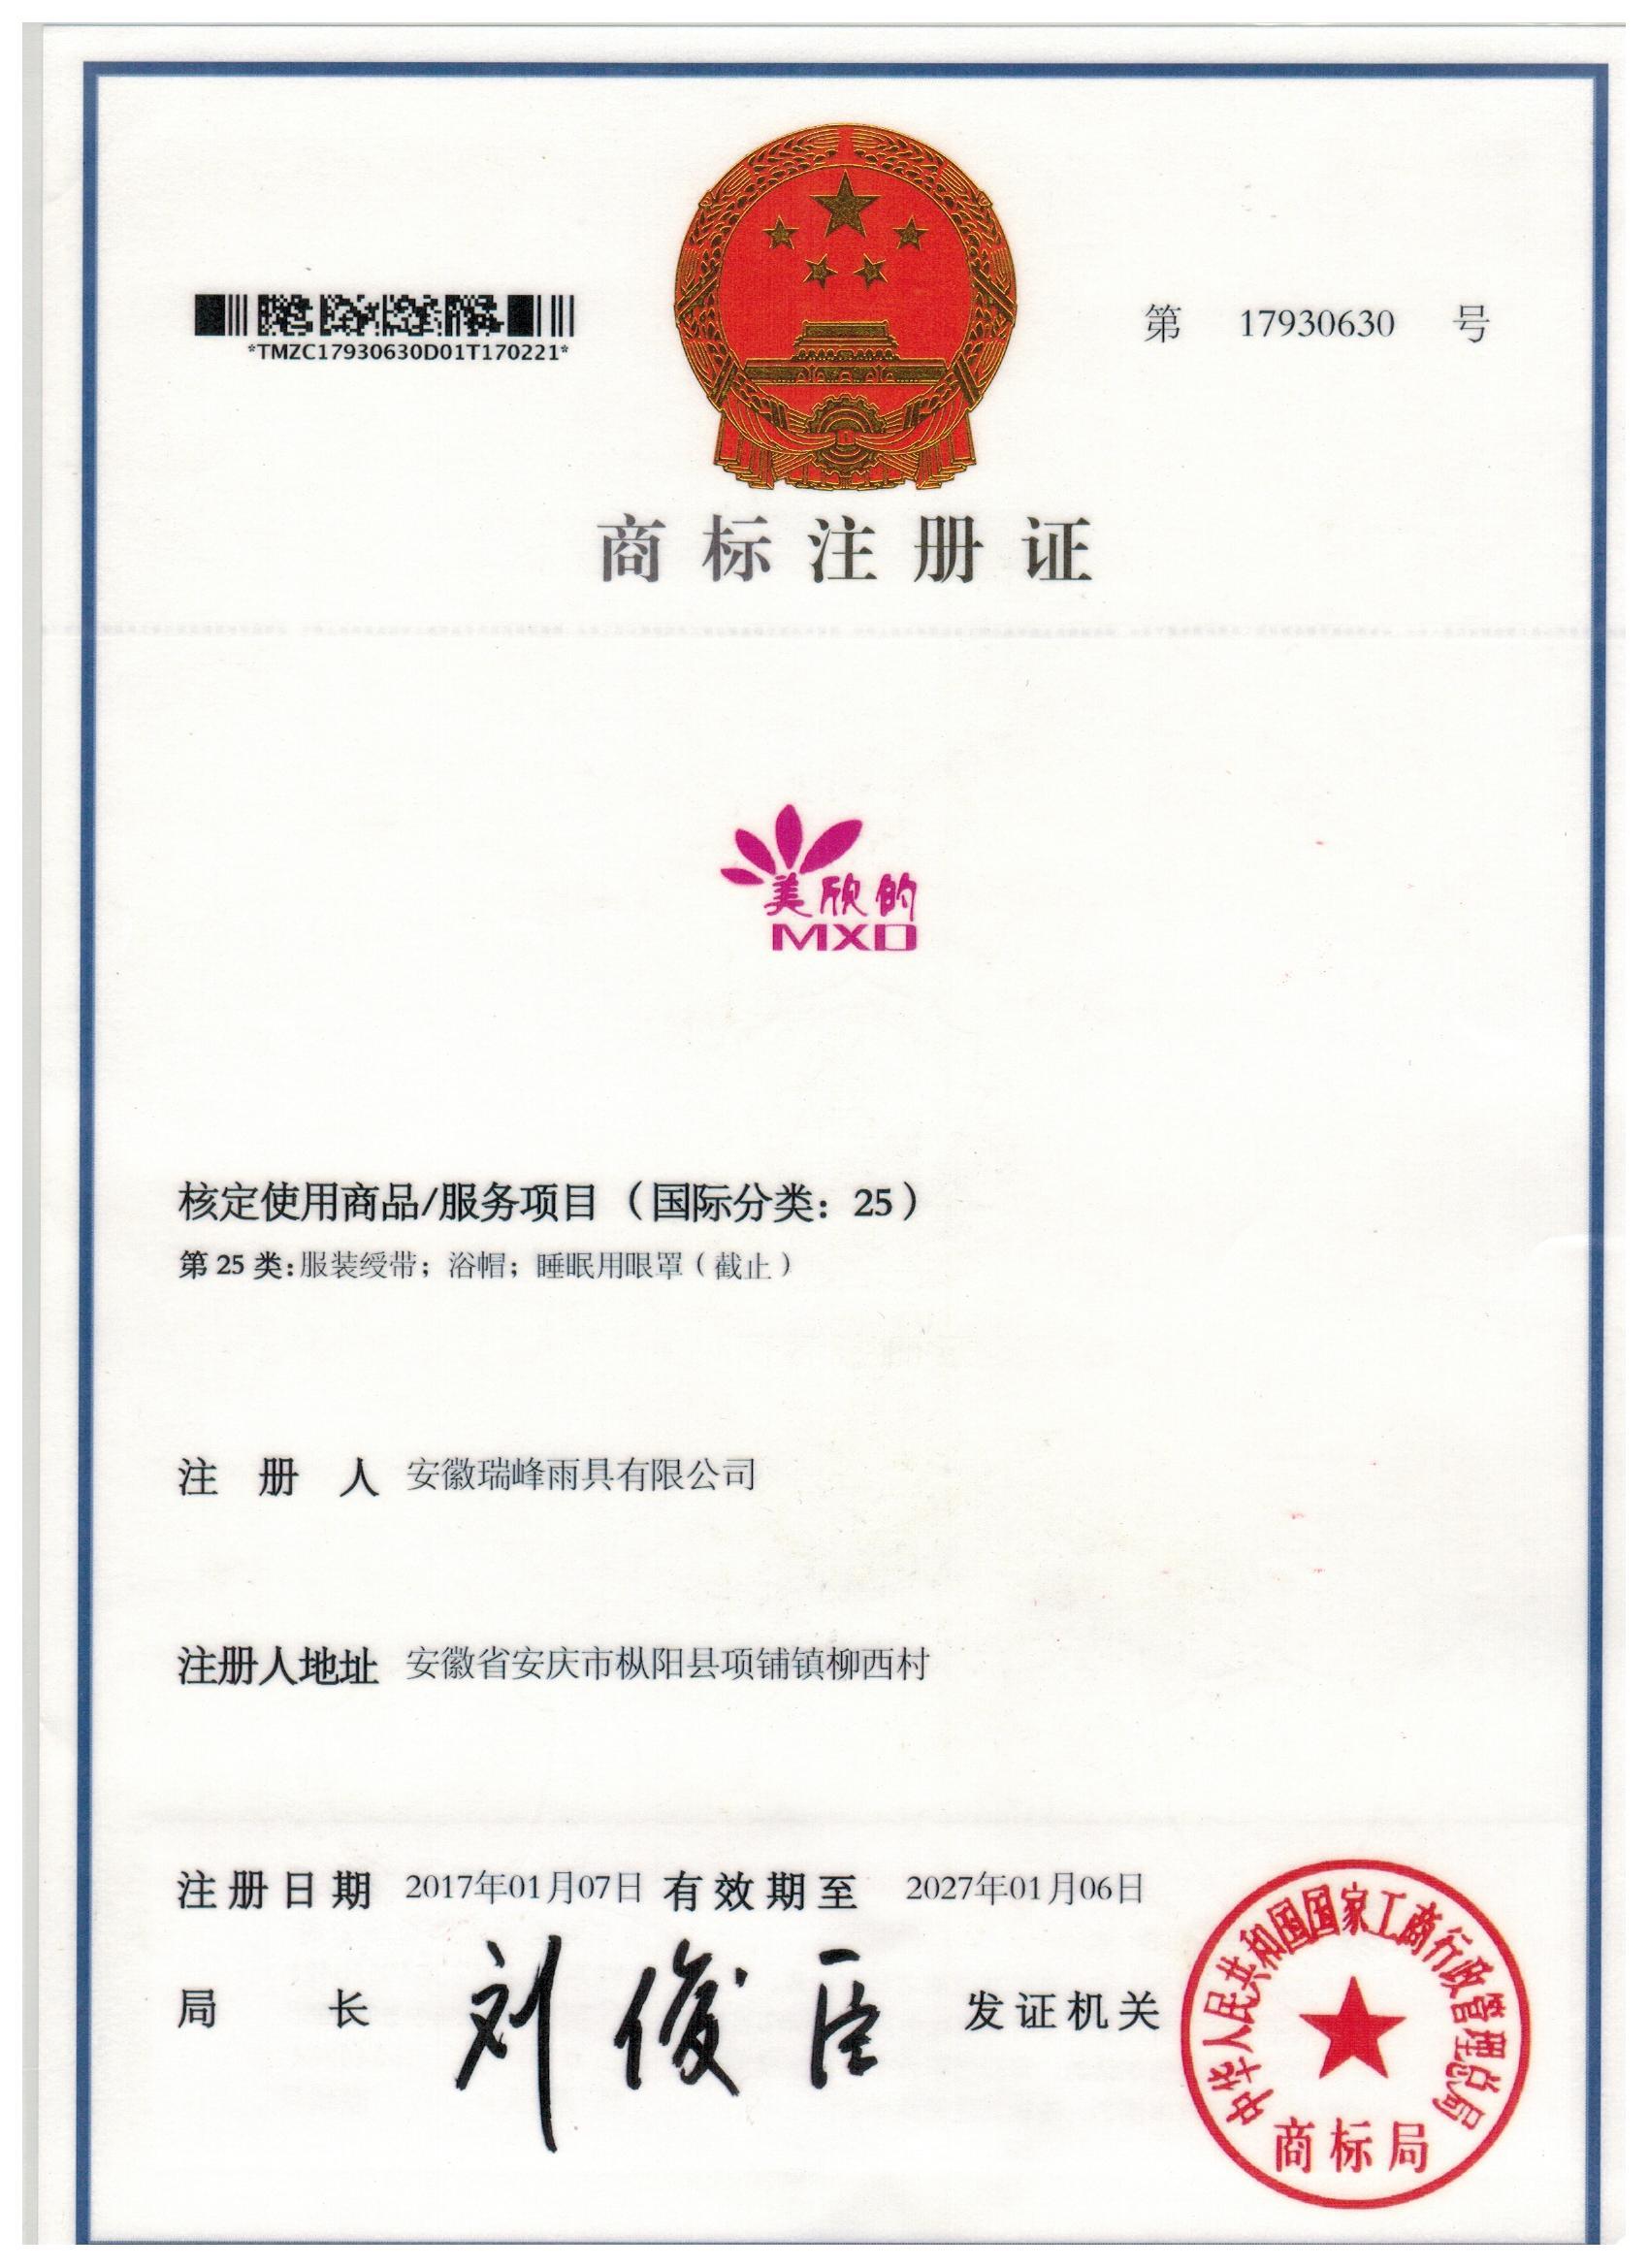 美欣的商标注册证